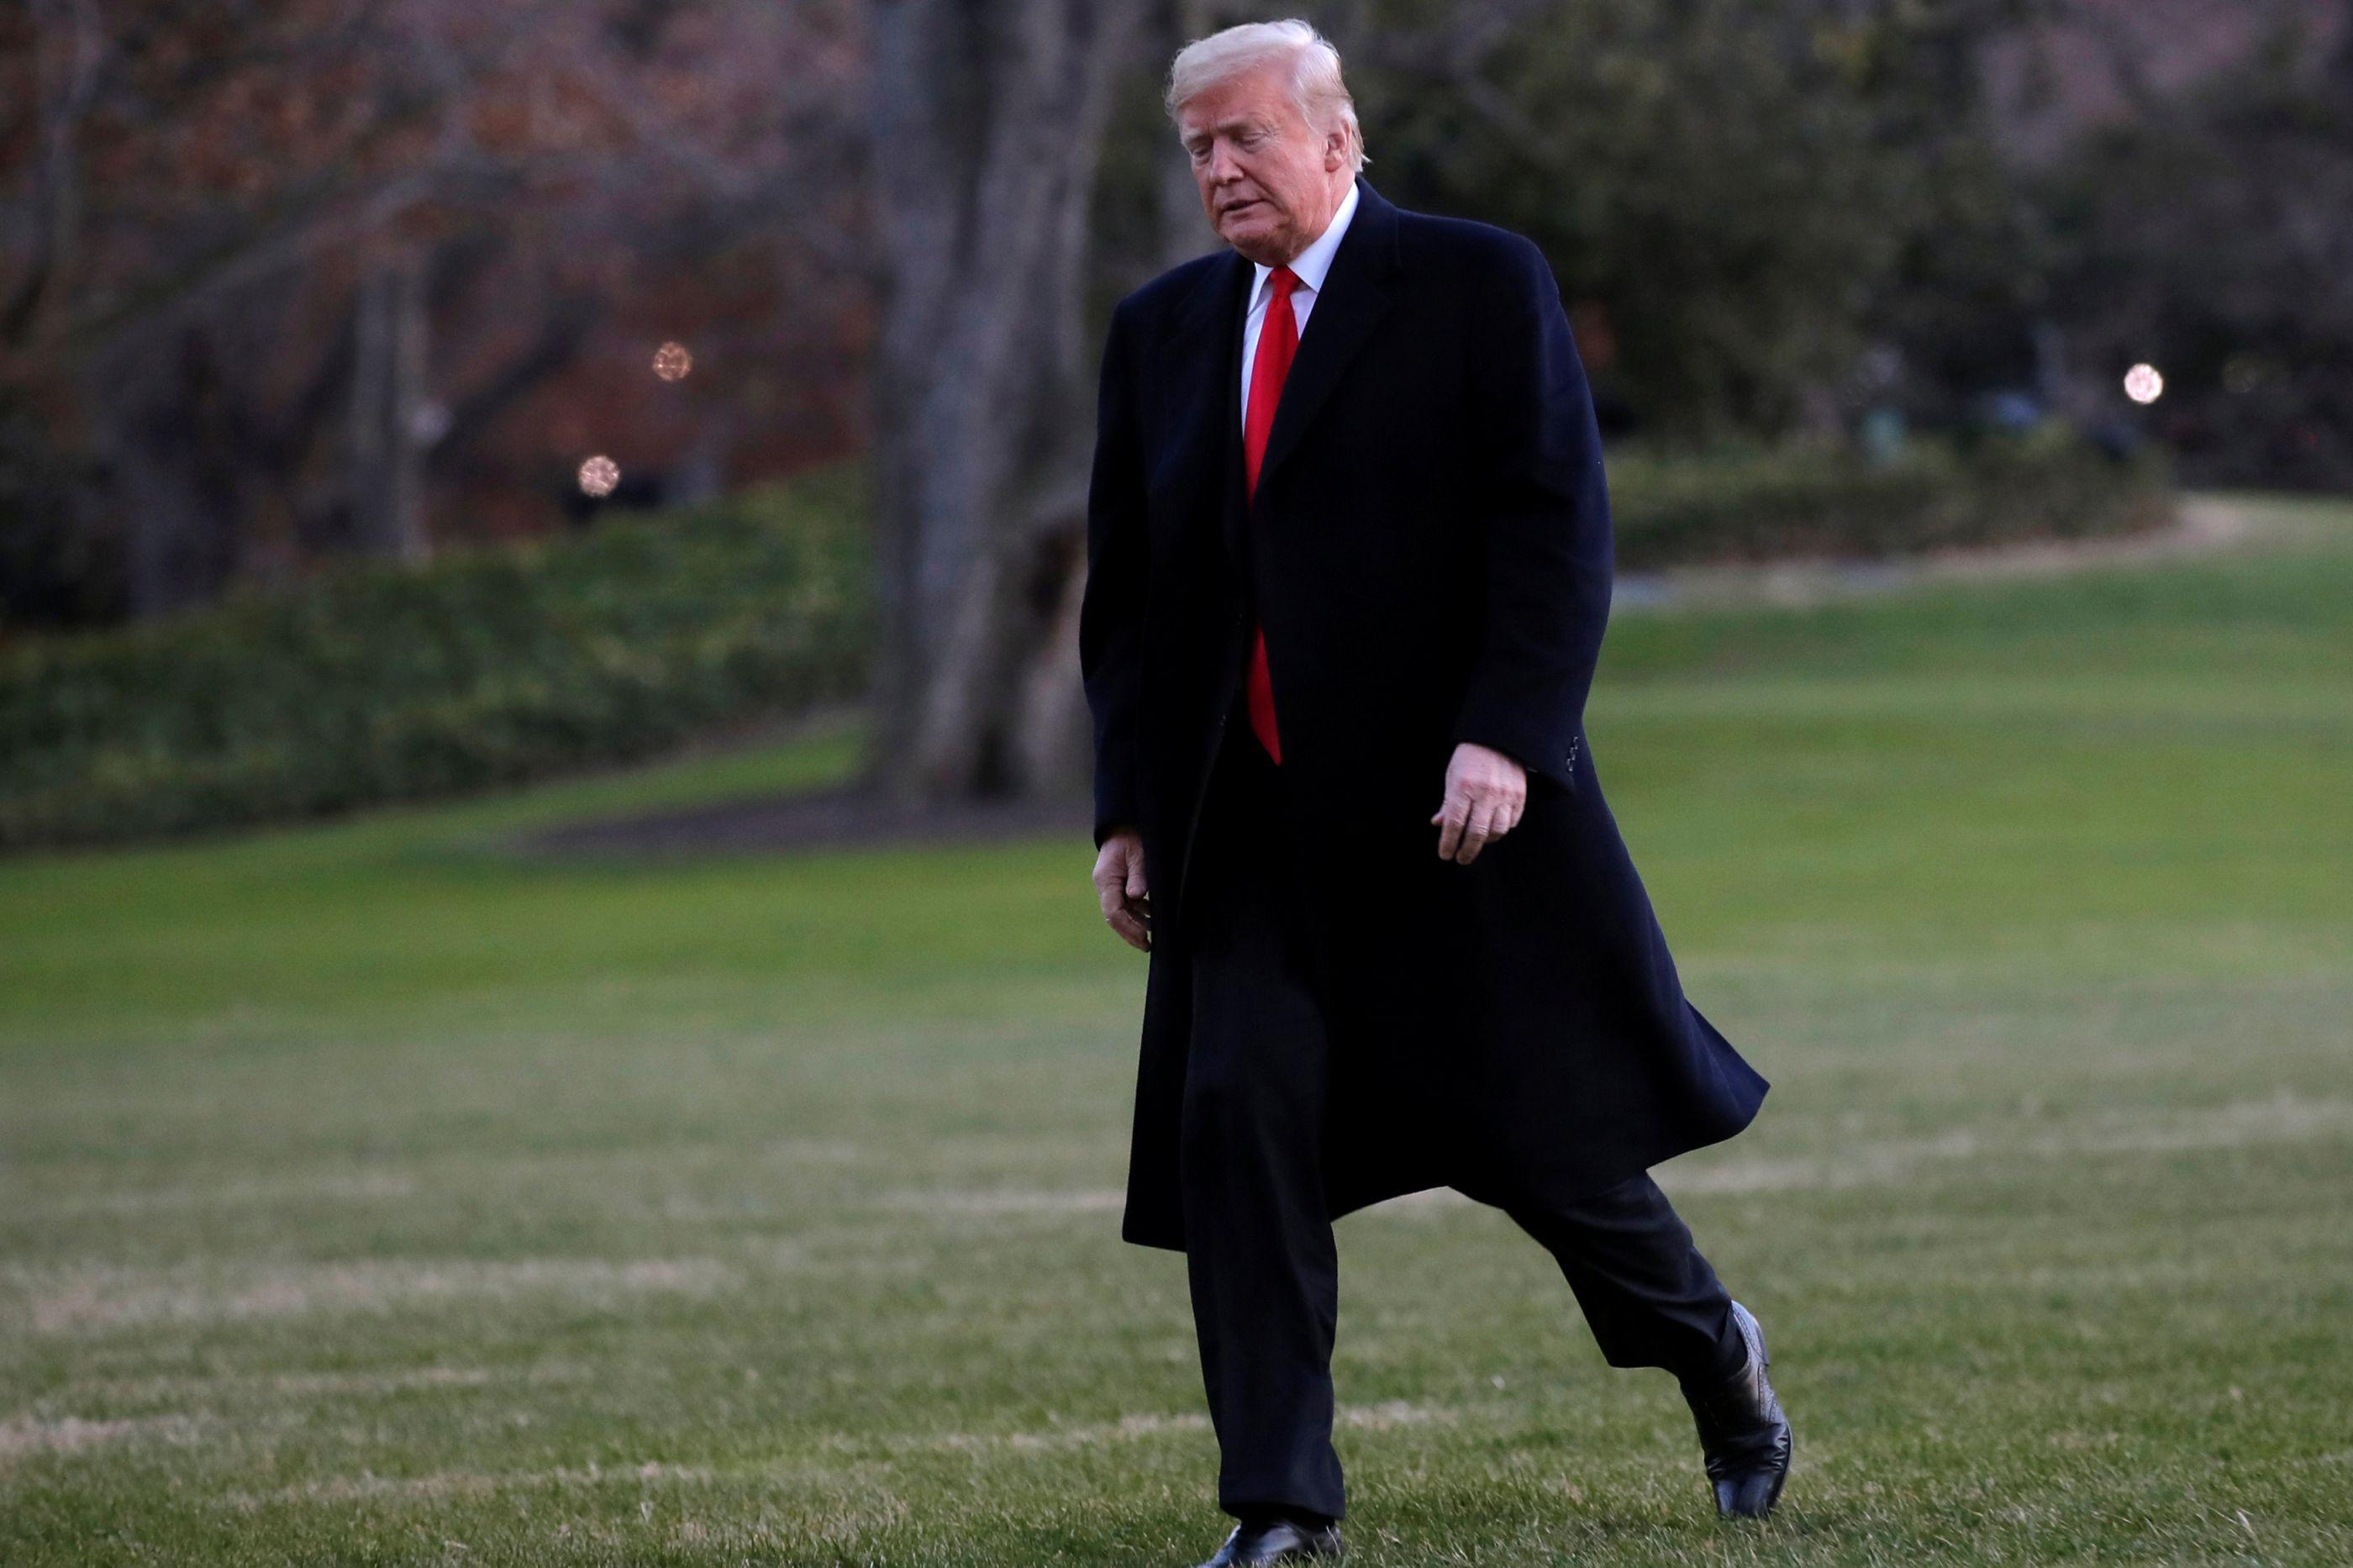 Após ataque em Estrasburgo, Trump vai reforçar segurança nas fronteiras